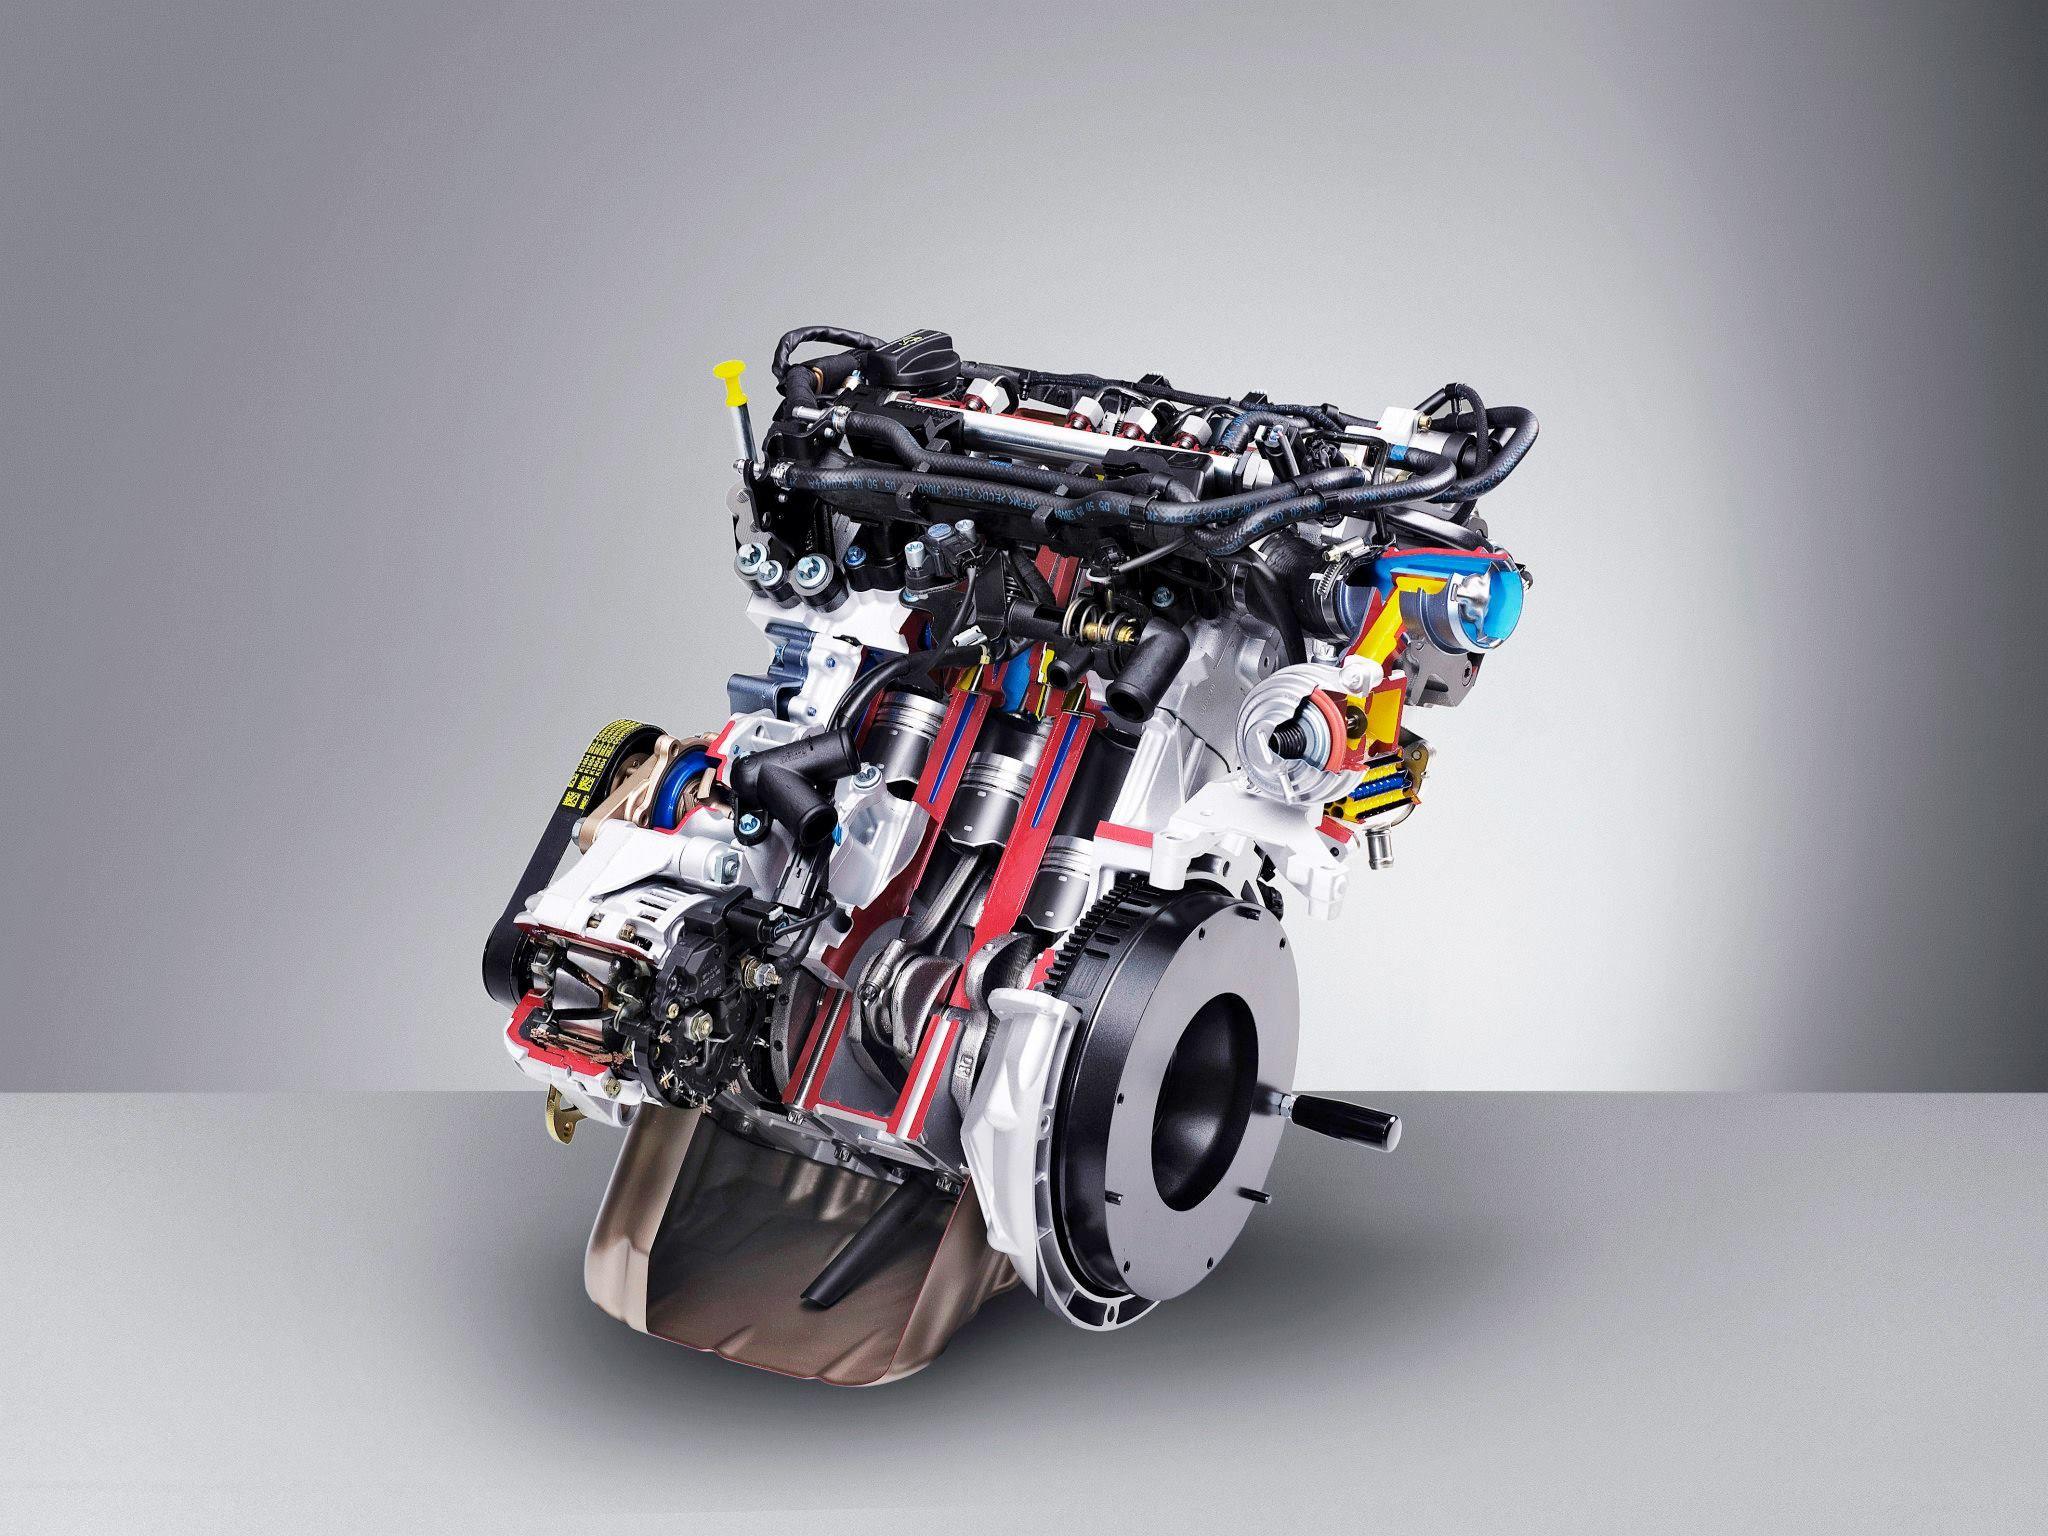 Smart Car Engine Specs >> Smart Little 3 Cylinder Engine Smart Cars Pinterest Smart